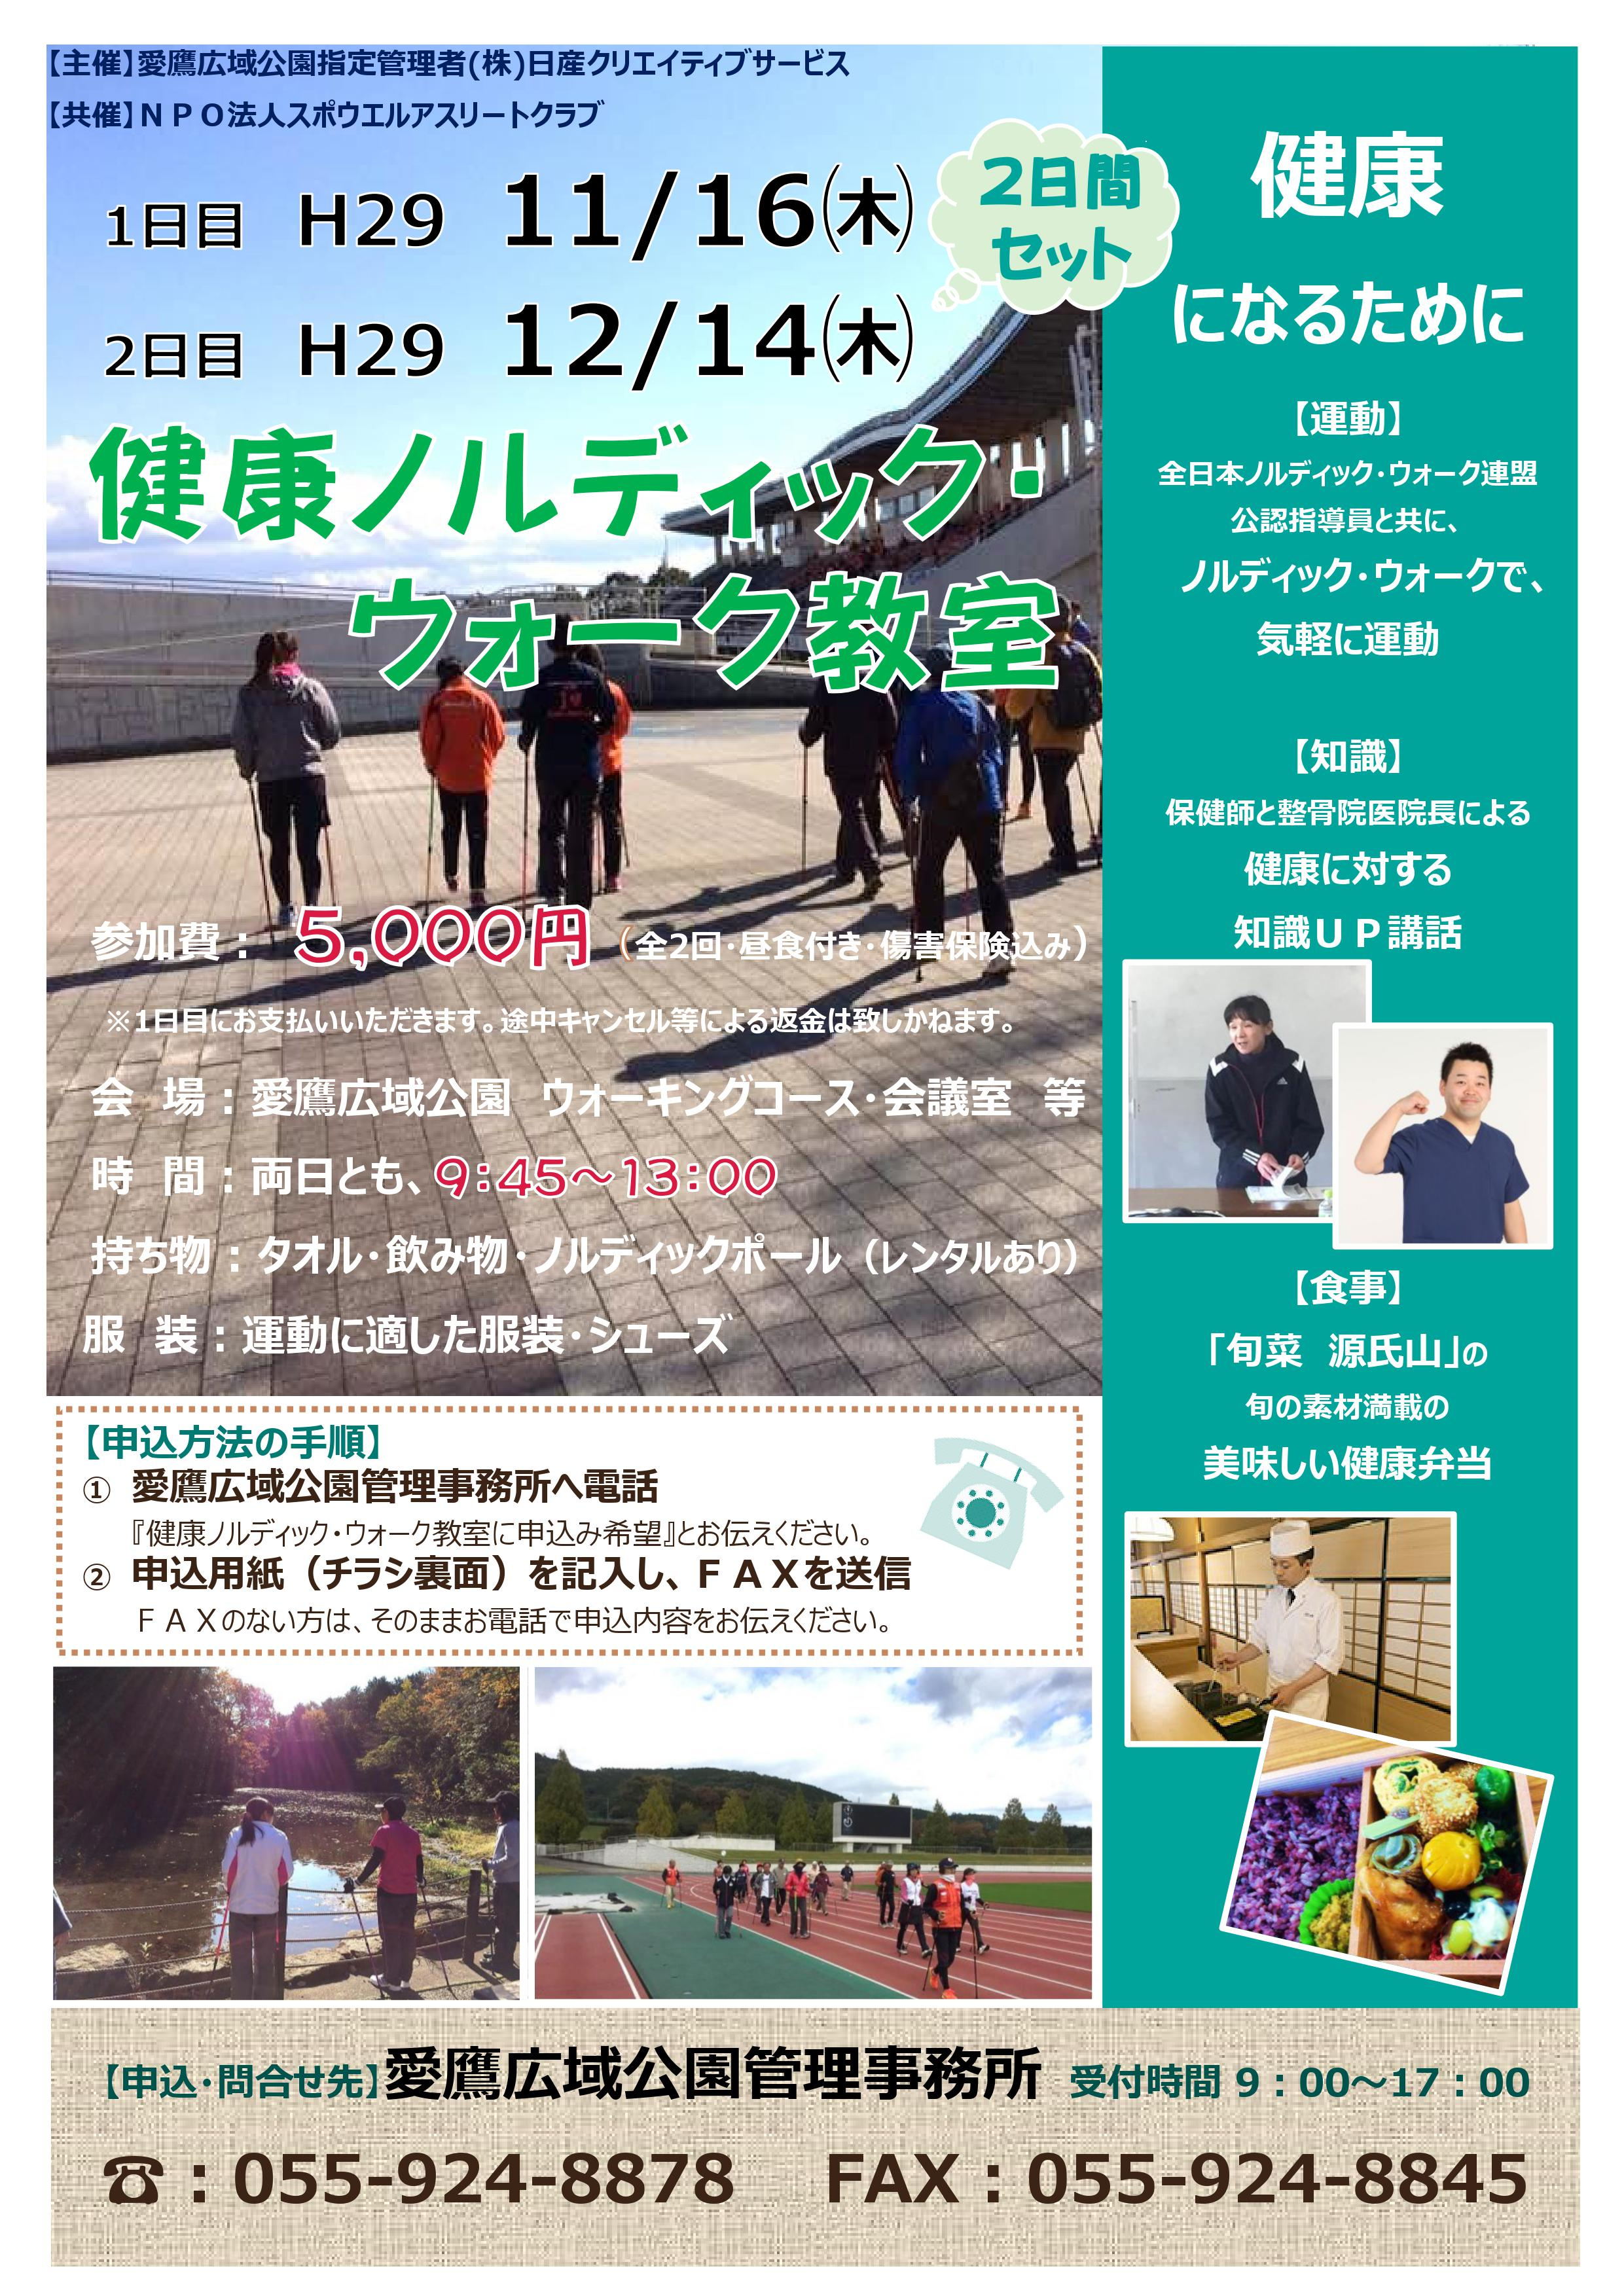 201711161214健康ノルディック愛鷹チラシ表